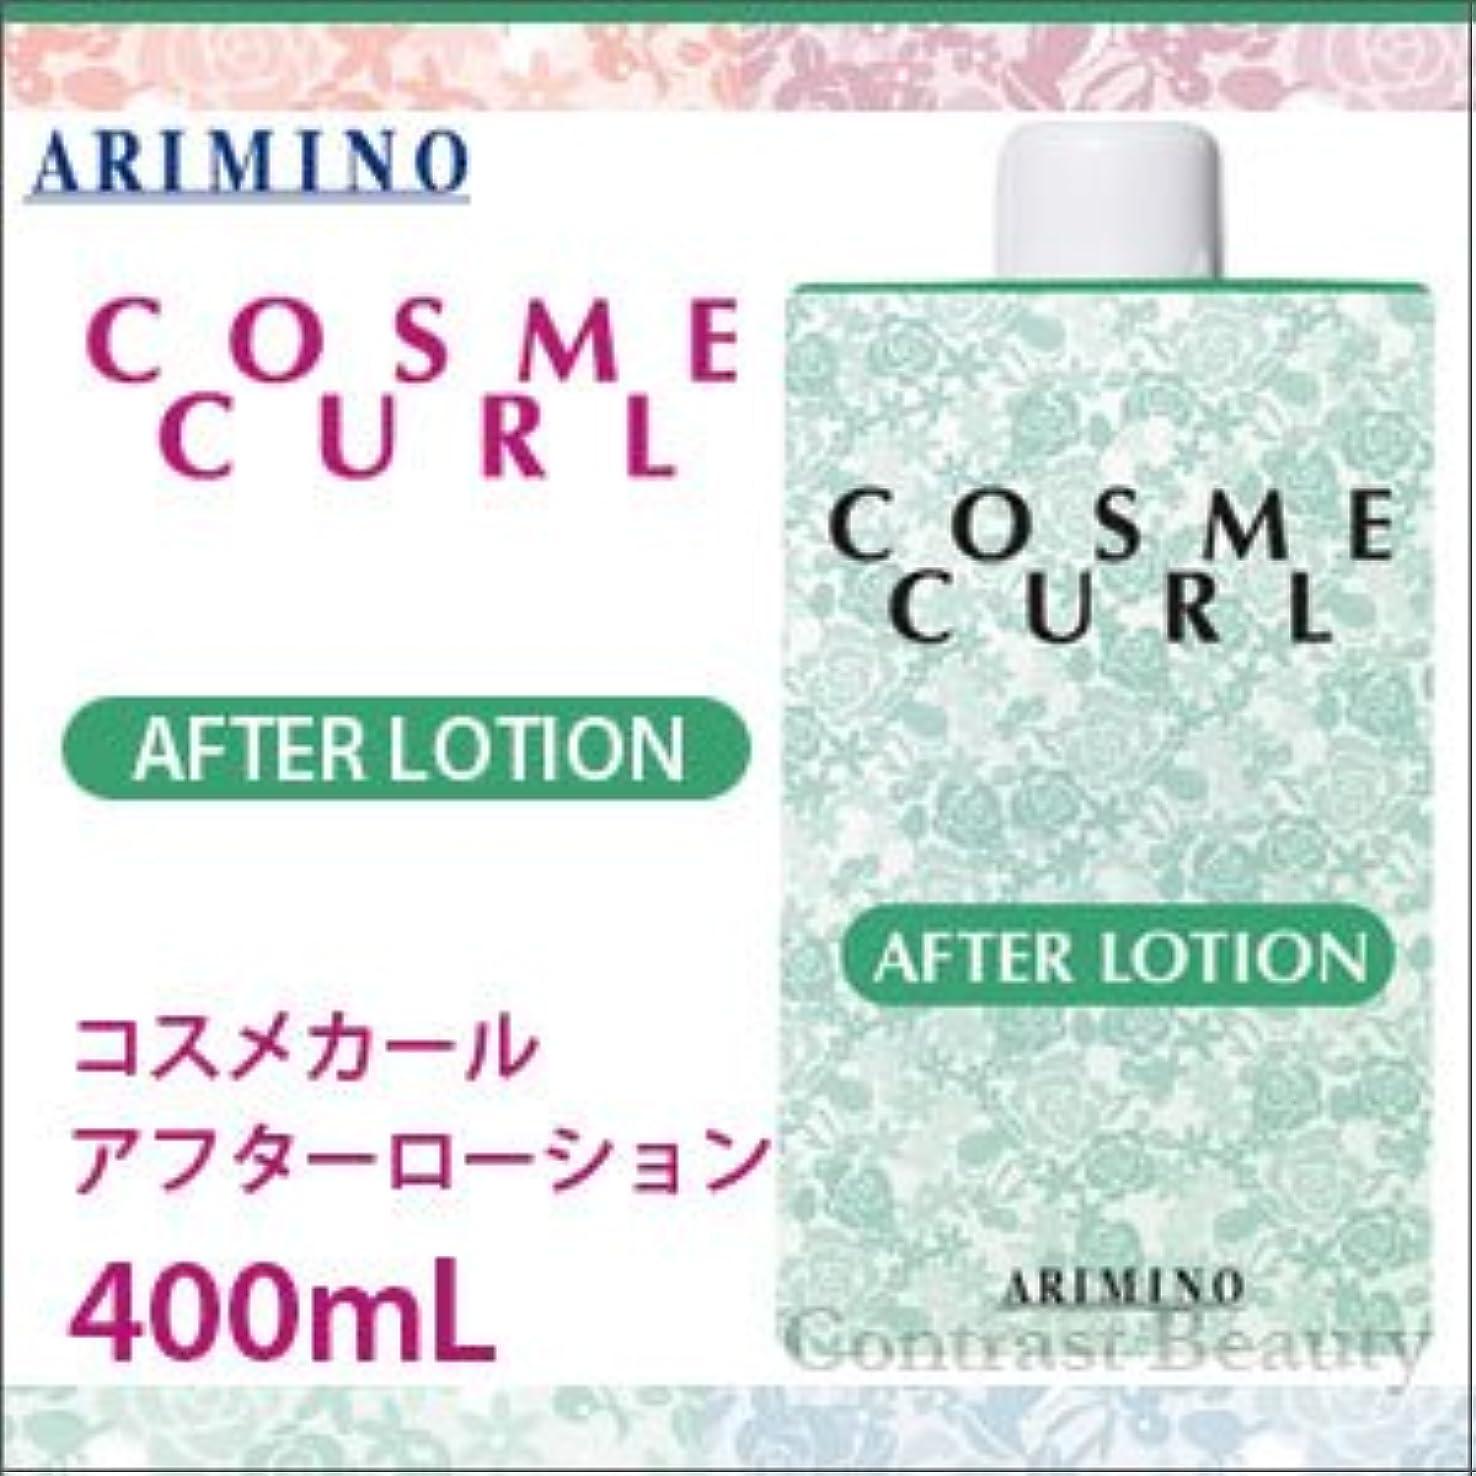 パワーセル枕振幅【X4個セット】 アリミノ コスメカール アフターローション 400ml